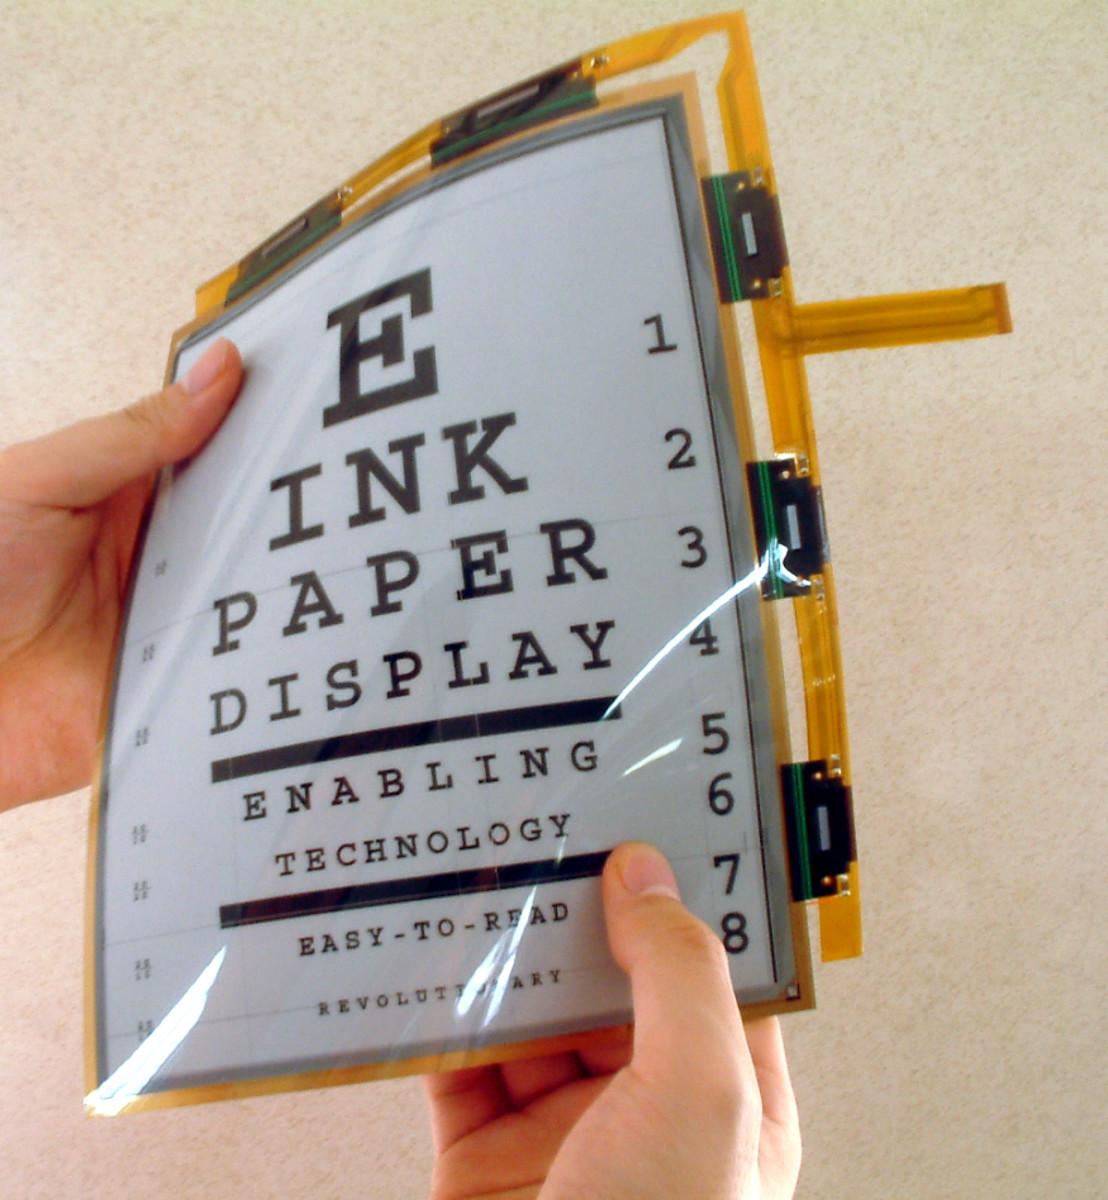 ereader-reviews-kindle-paperwhite-vs-nook-glowlight-vs-kobo-glo